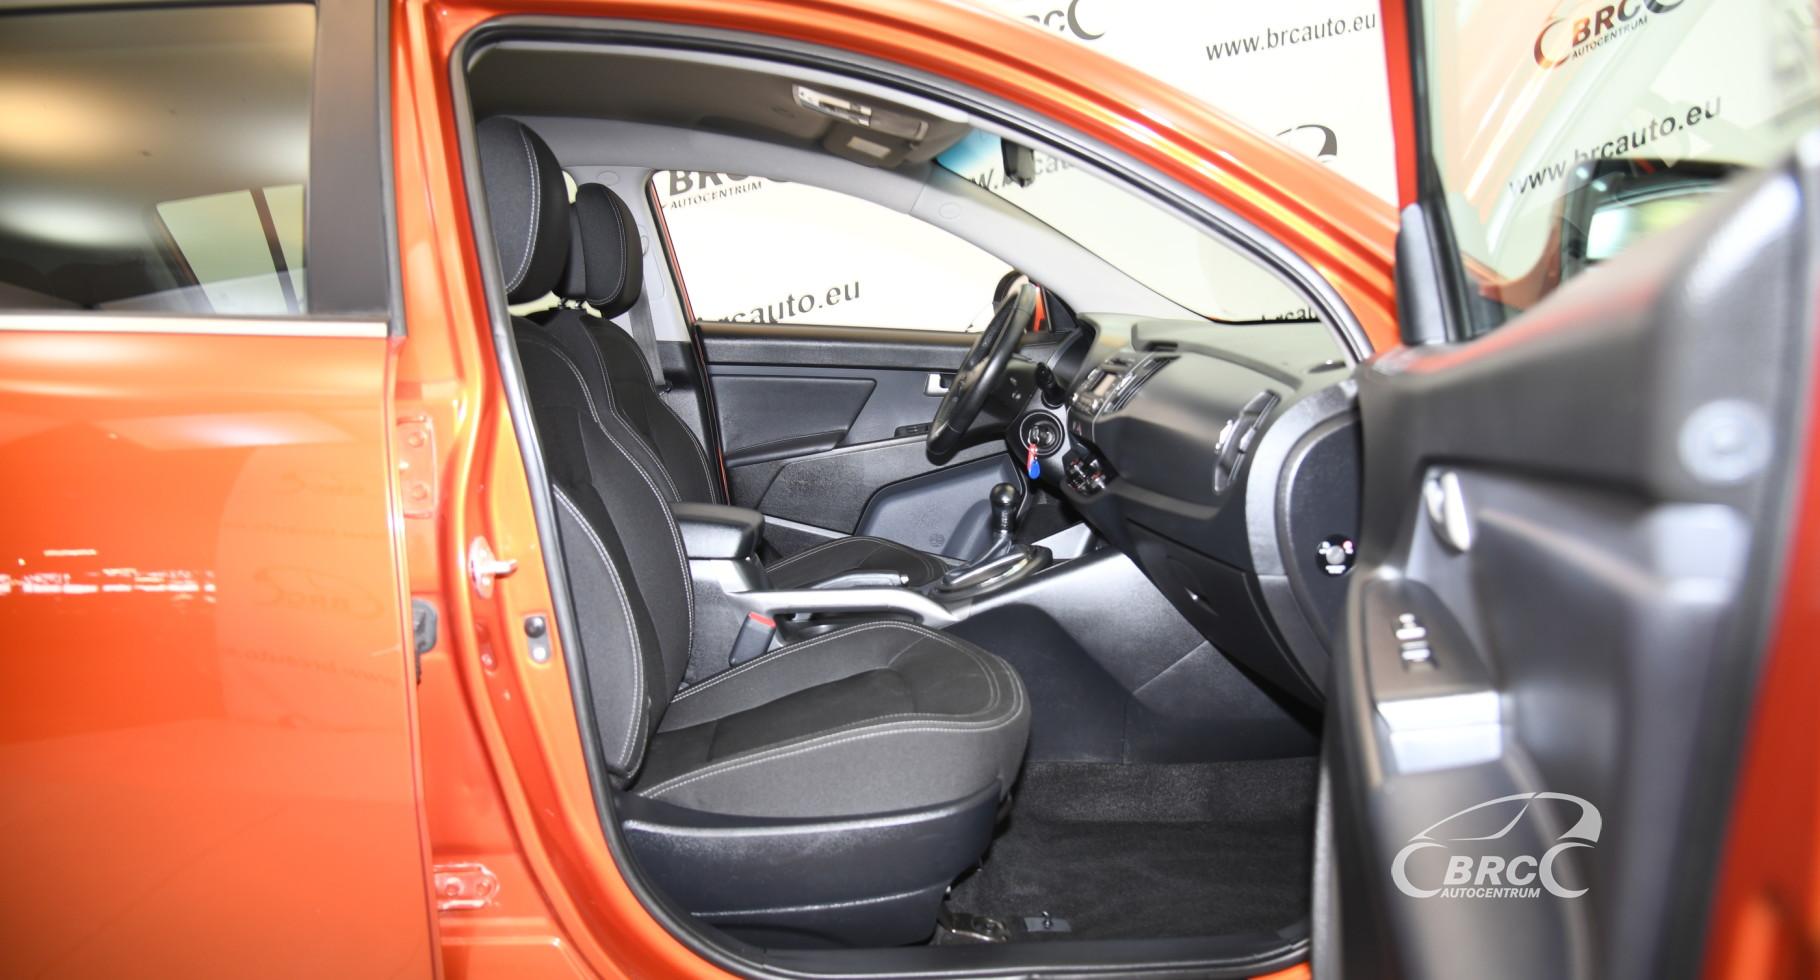 Kia Sportage 2.0 AWD Automatas